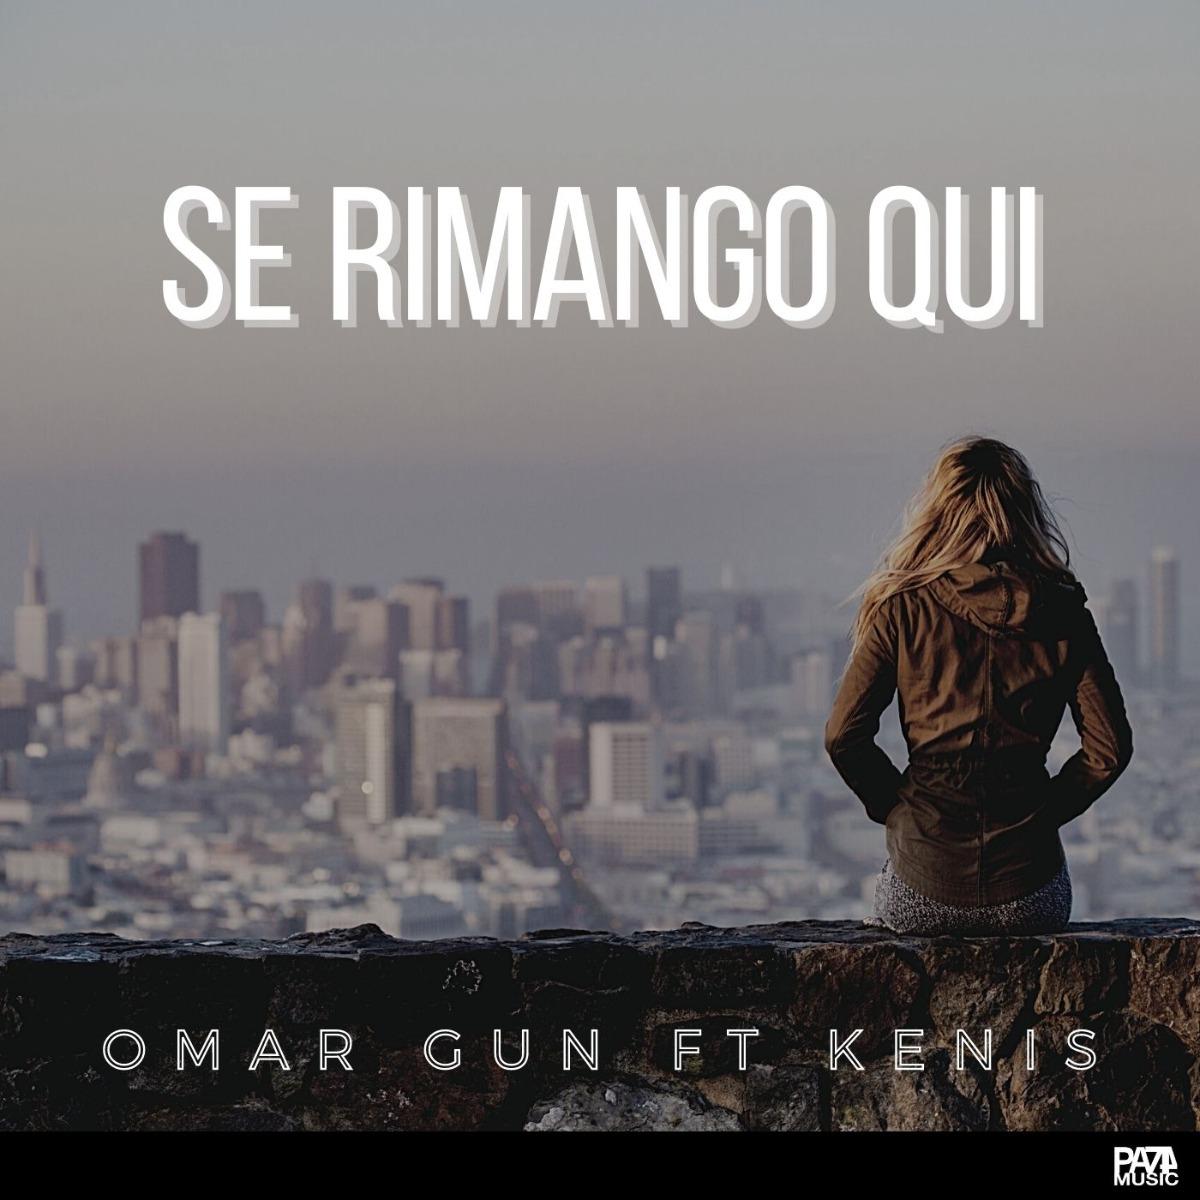 """OMAR GUN feat. KENIS """"Se rimango qui"""" ©PA74 Music"""